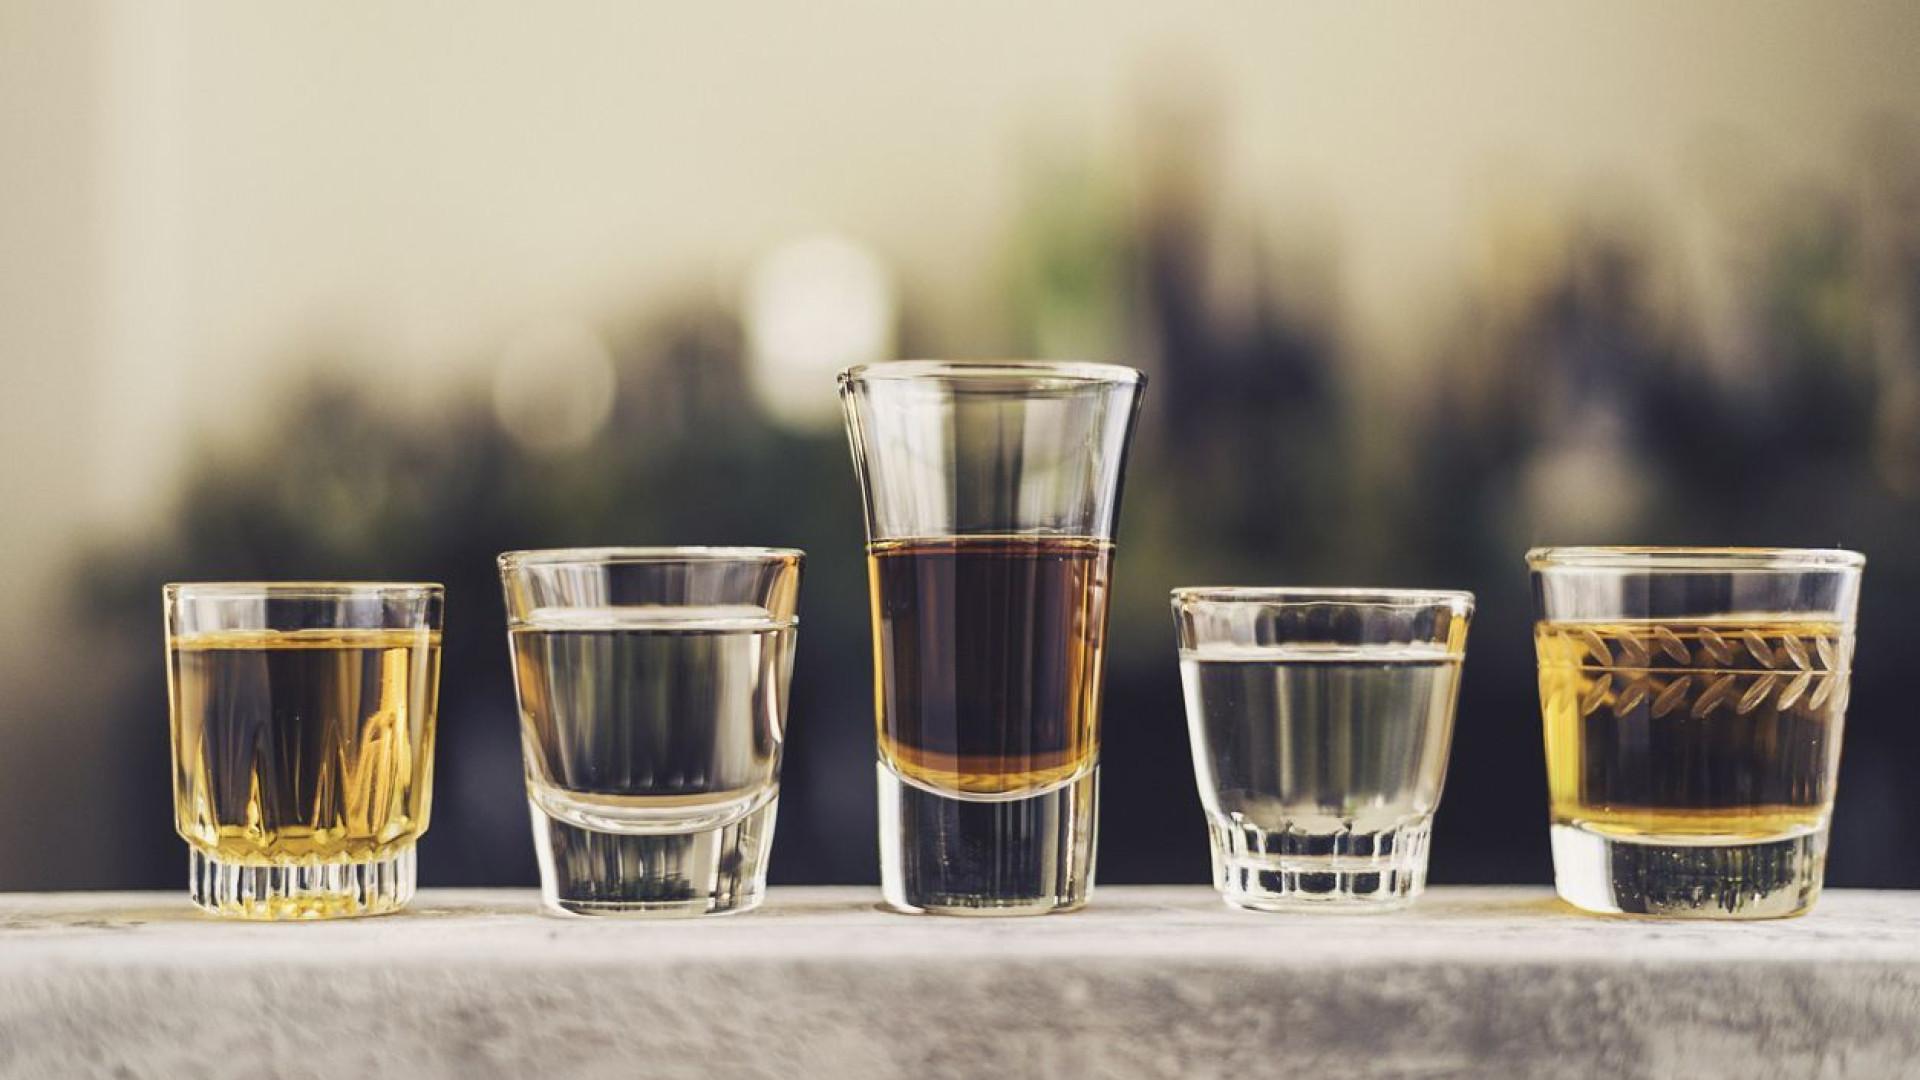 Pelo menos 21 mortos na Malásia por consumo de álcool adulterado